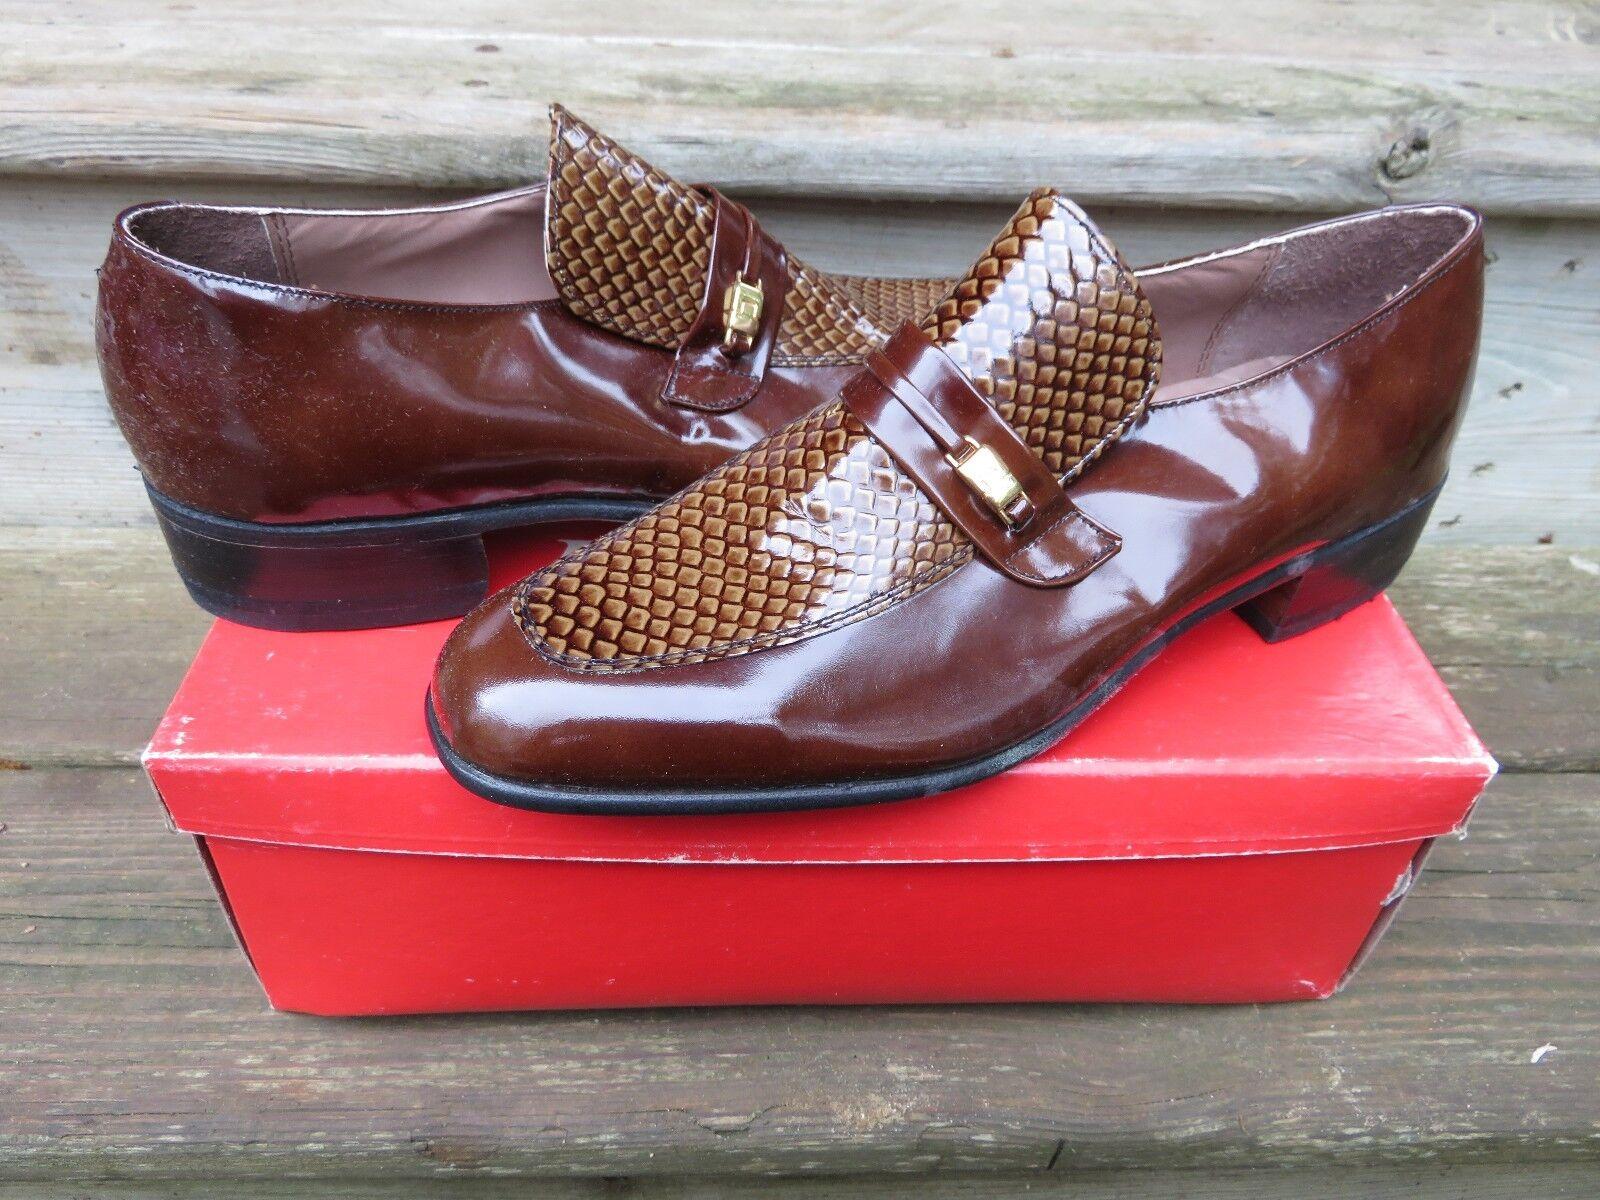 NEW Hanover Imperial Slip-on Loafer Dress schuhe Dark braun braun braun Größe Leather 3eb9a1